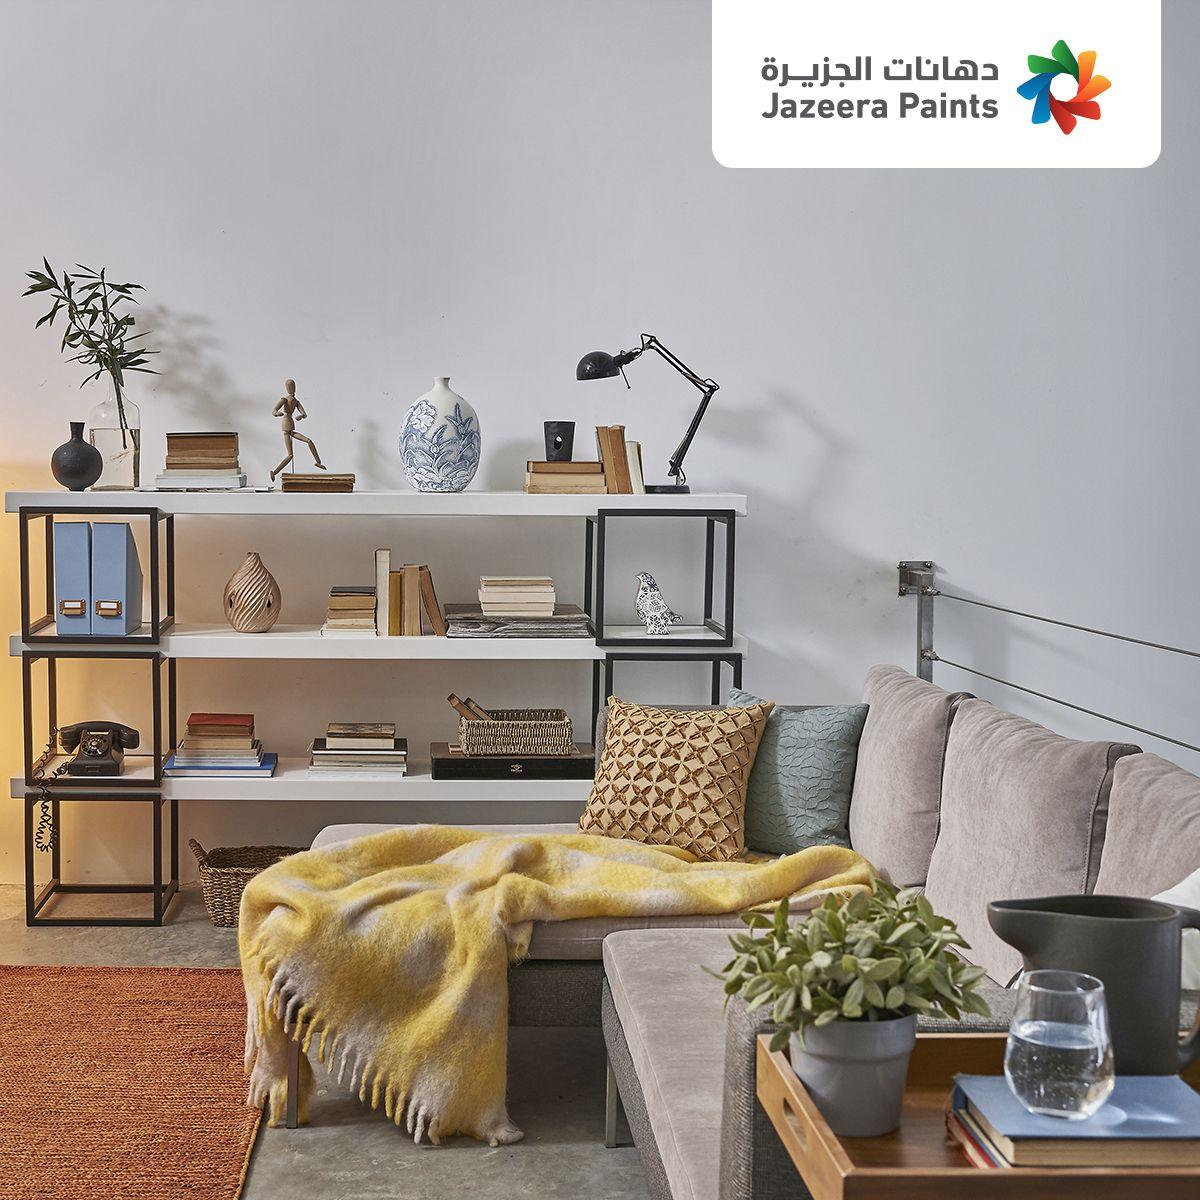 لون فجر الشتاء Home Decor Room Furniture